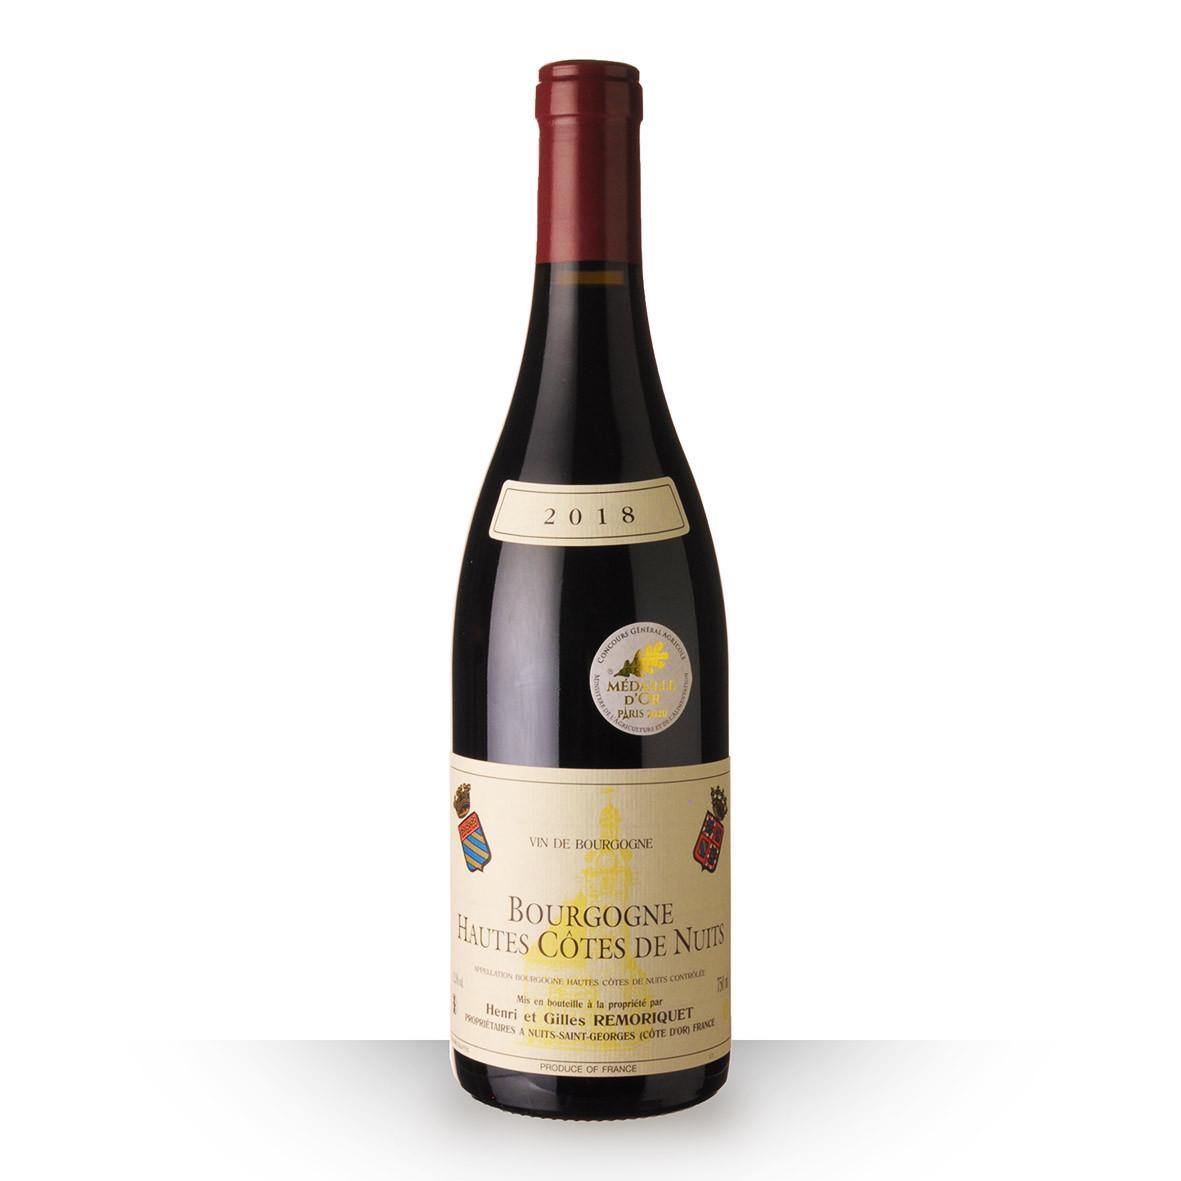 Domaine Remoriquet Bourgogne Hautes Côtes de Nuits Rouge 2018 75cl www.odyssee-vins.com